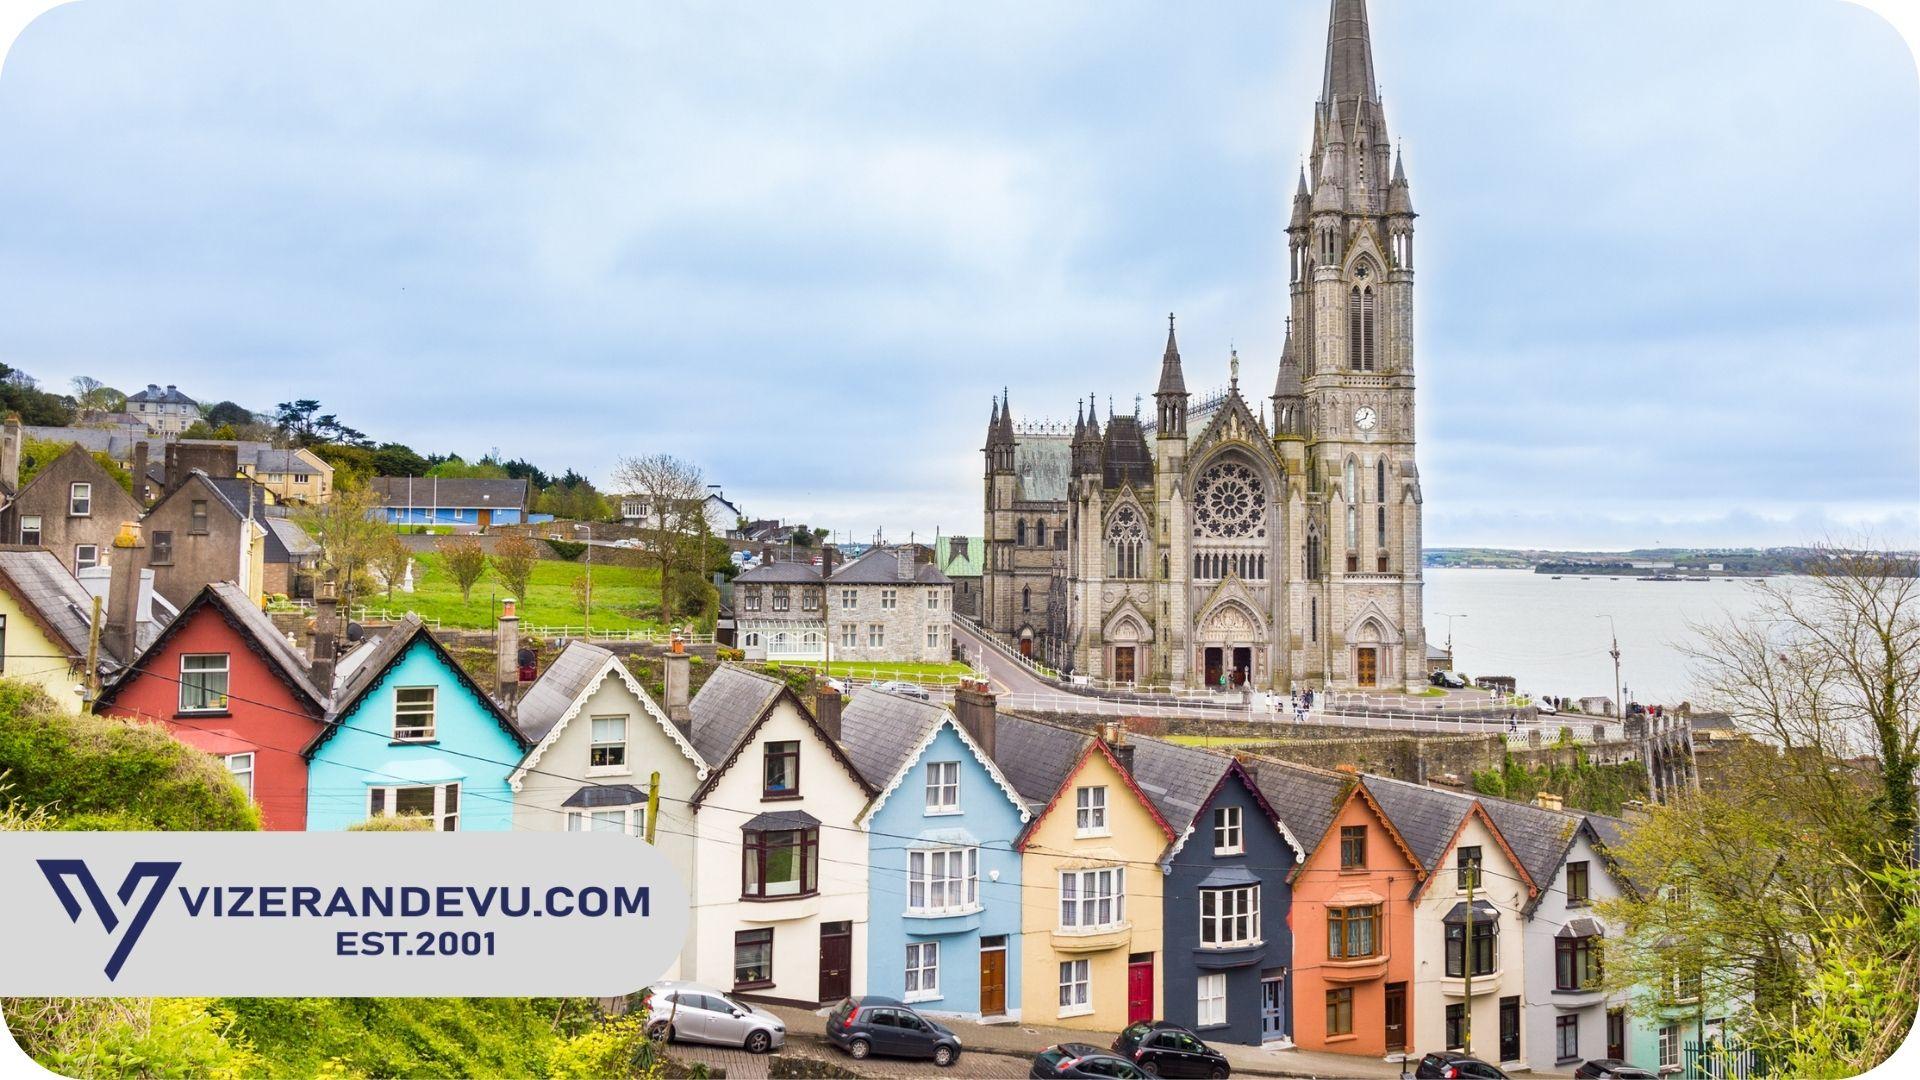 İrlanda Vizesi İçin Gerekli Belgeler Nelerdir?